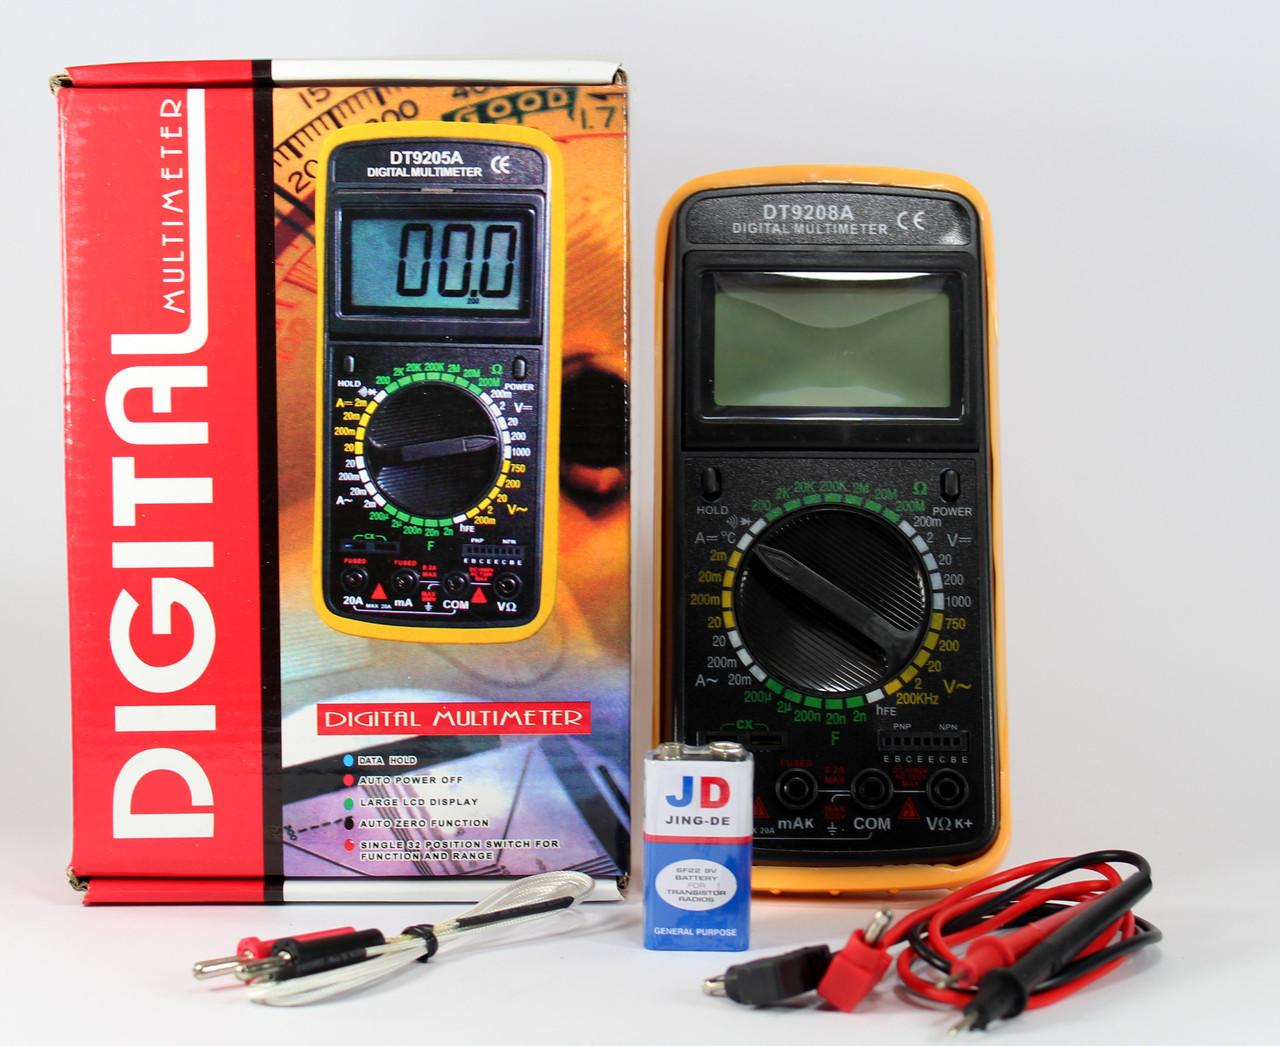 Мультиметр DT 9208